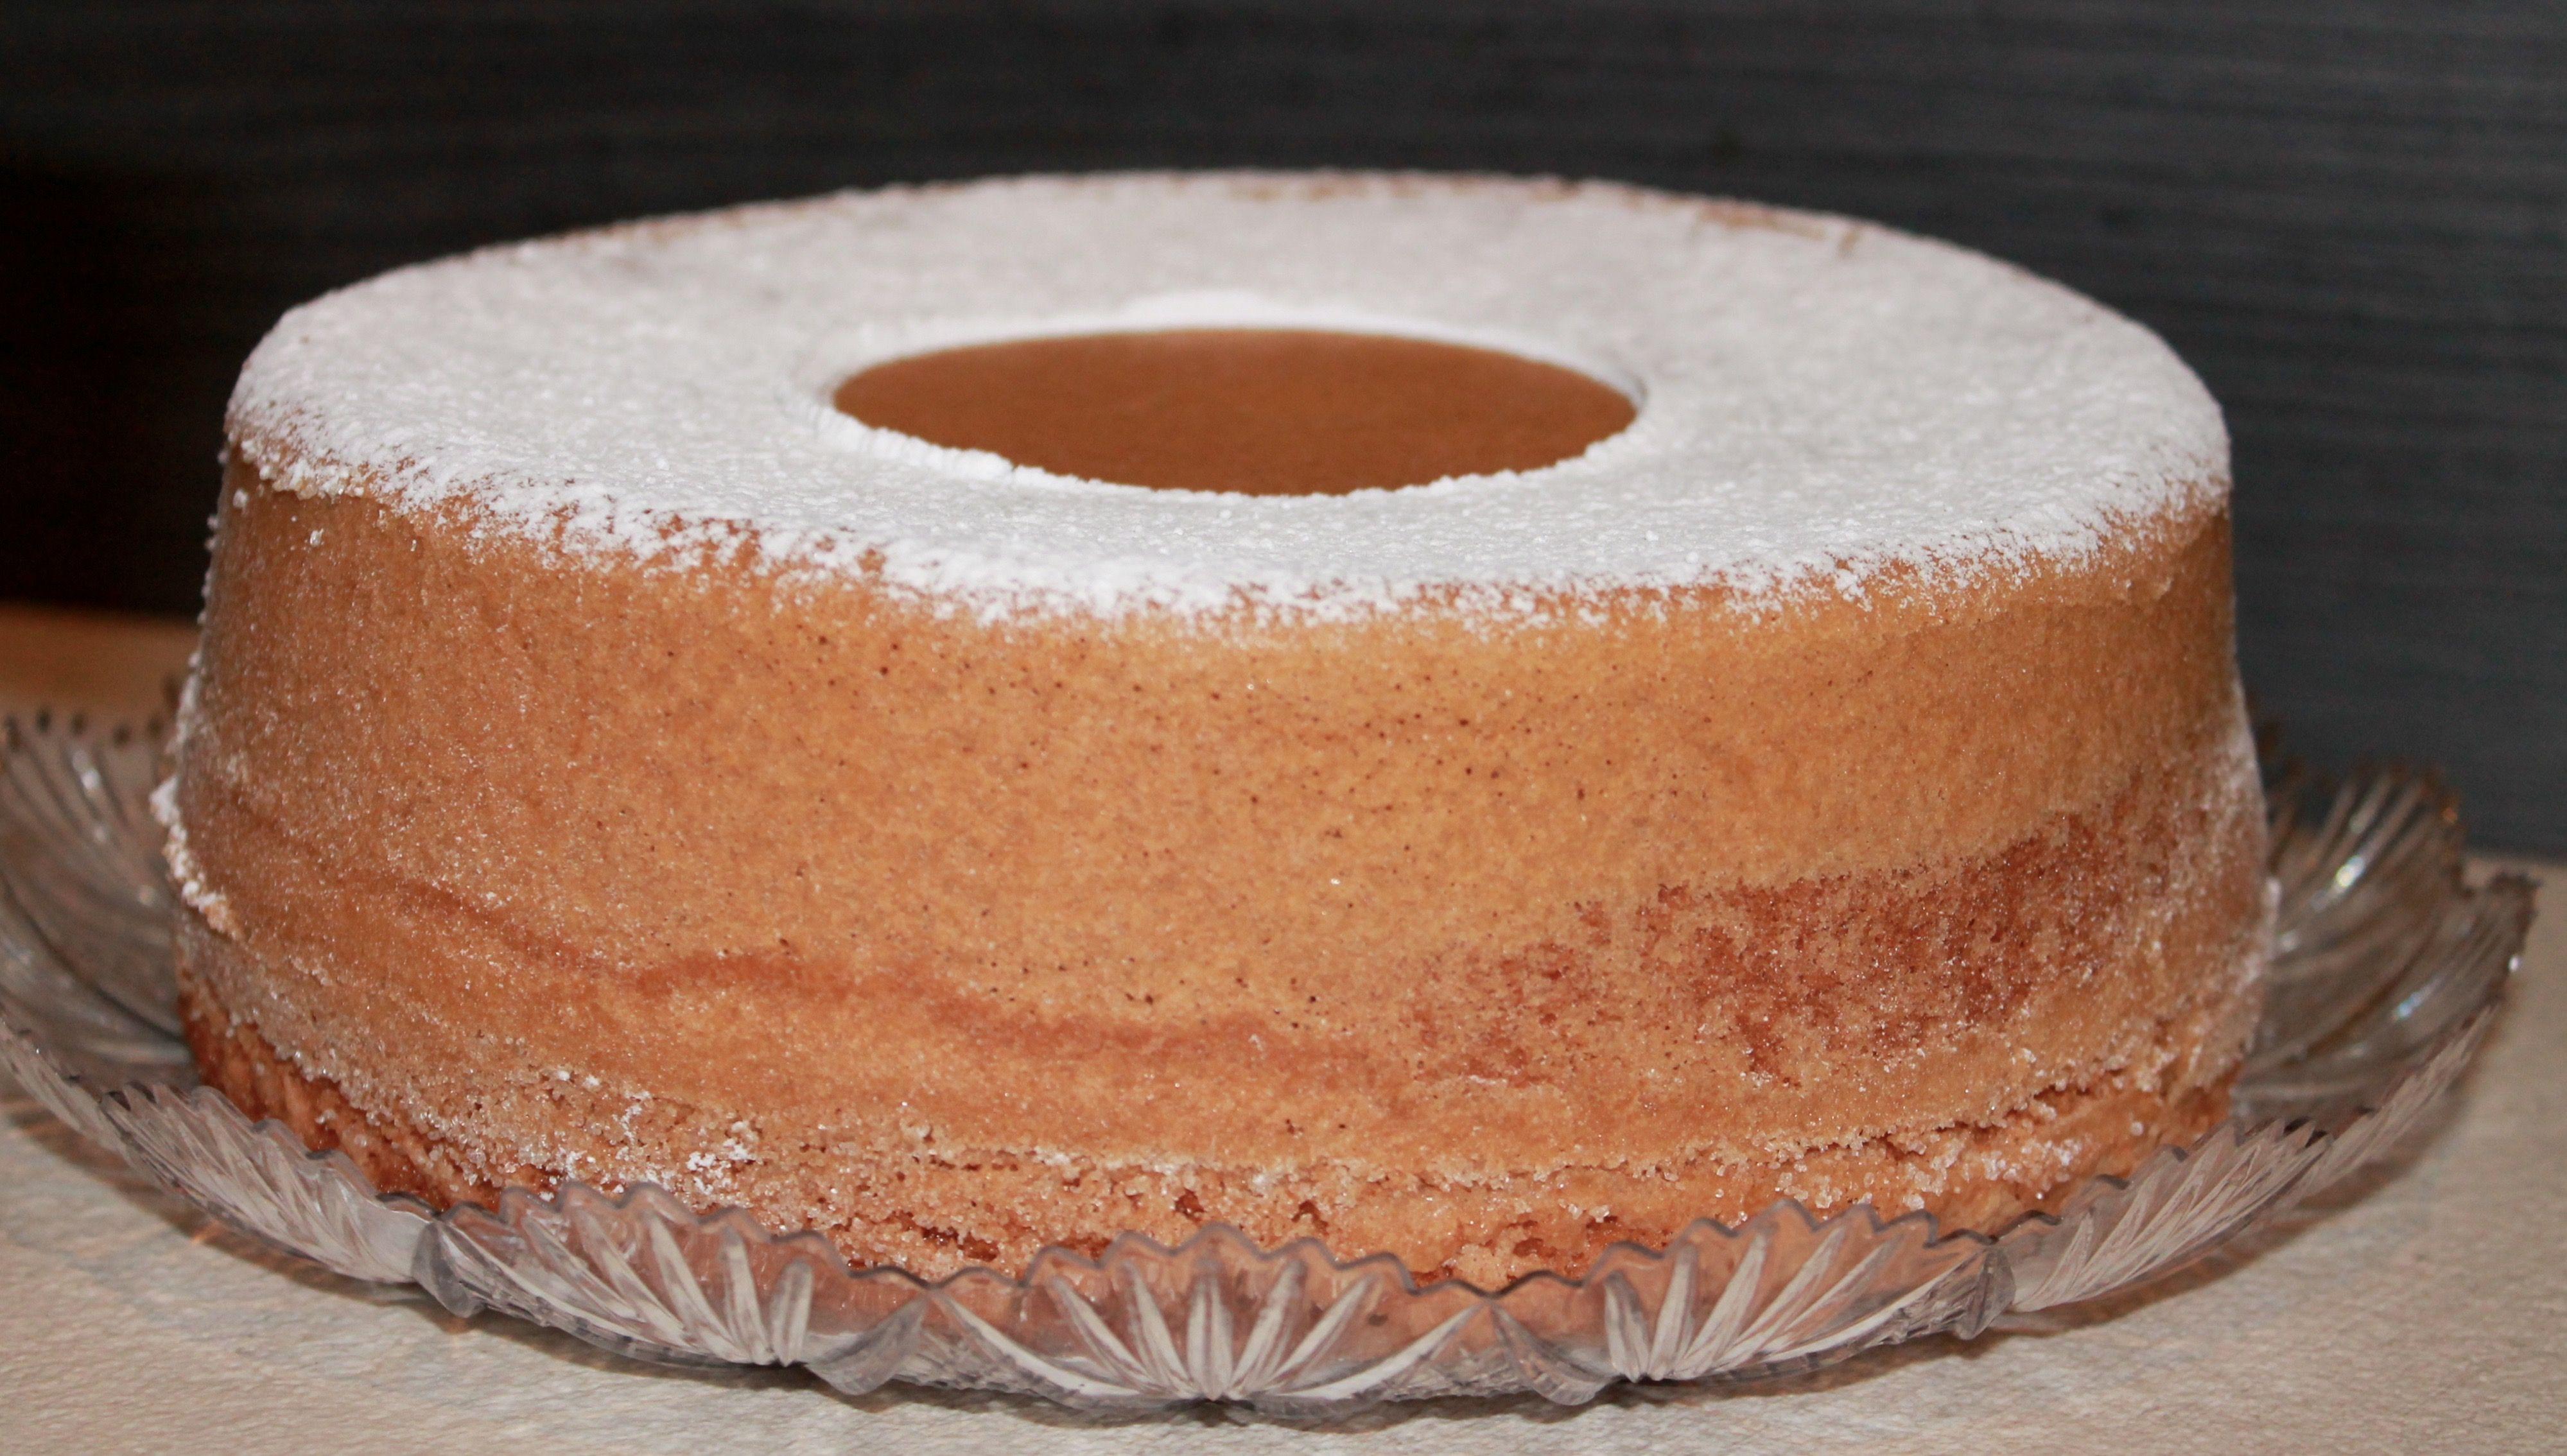 Torte Da Credenza Iginio Massari : Torta paradiso di iginio massari torte desserts cake e